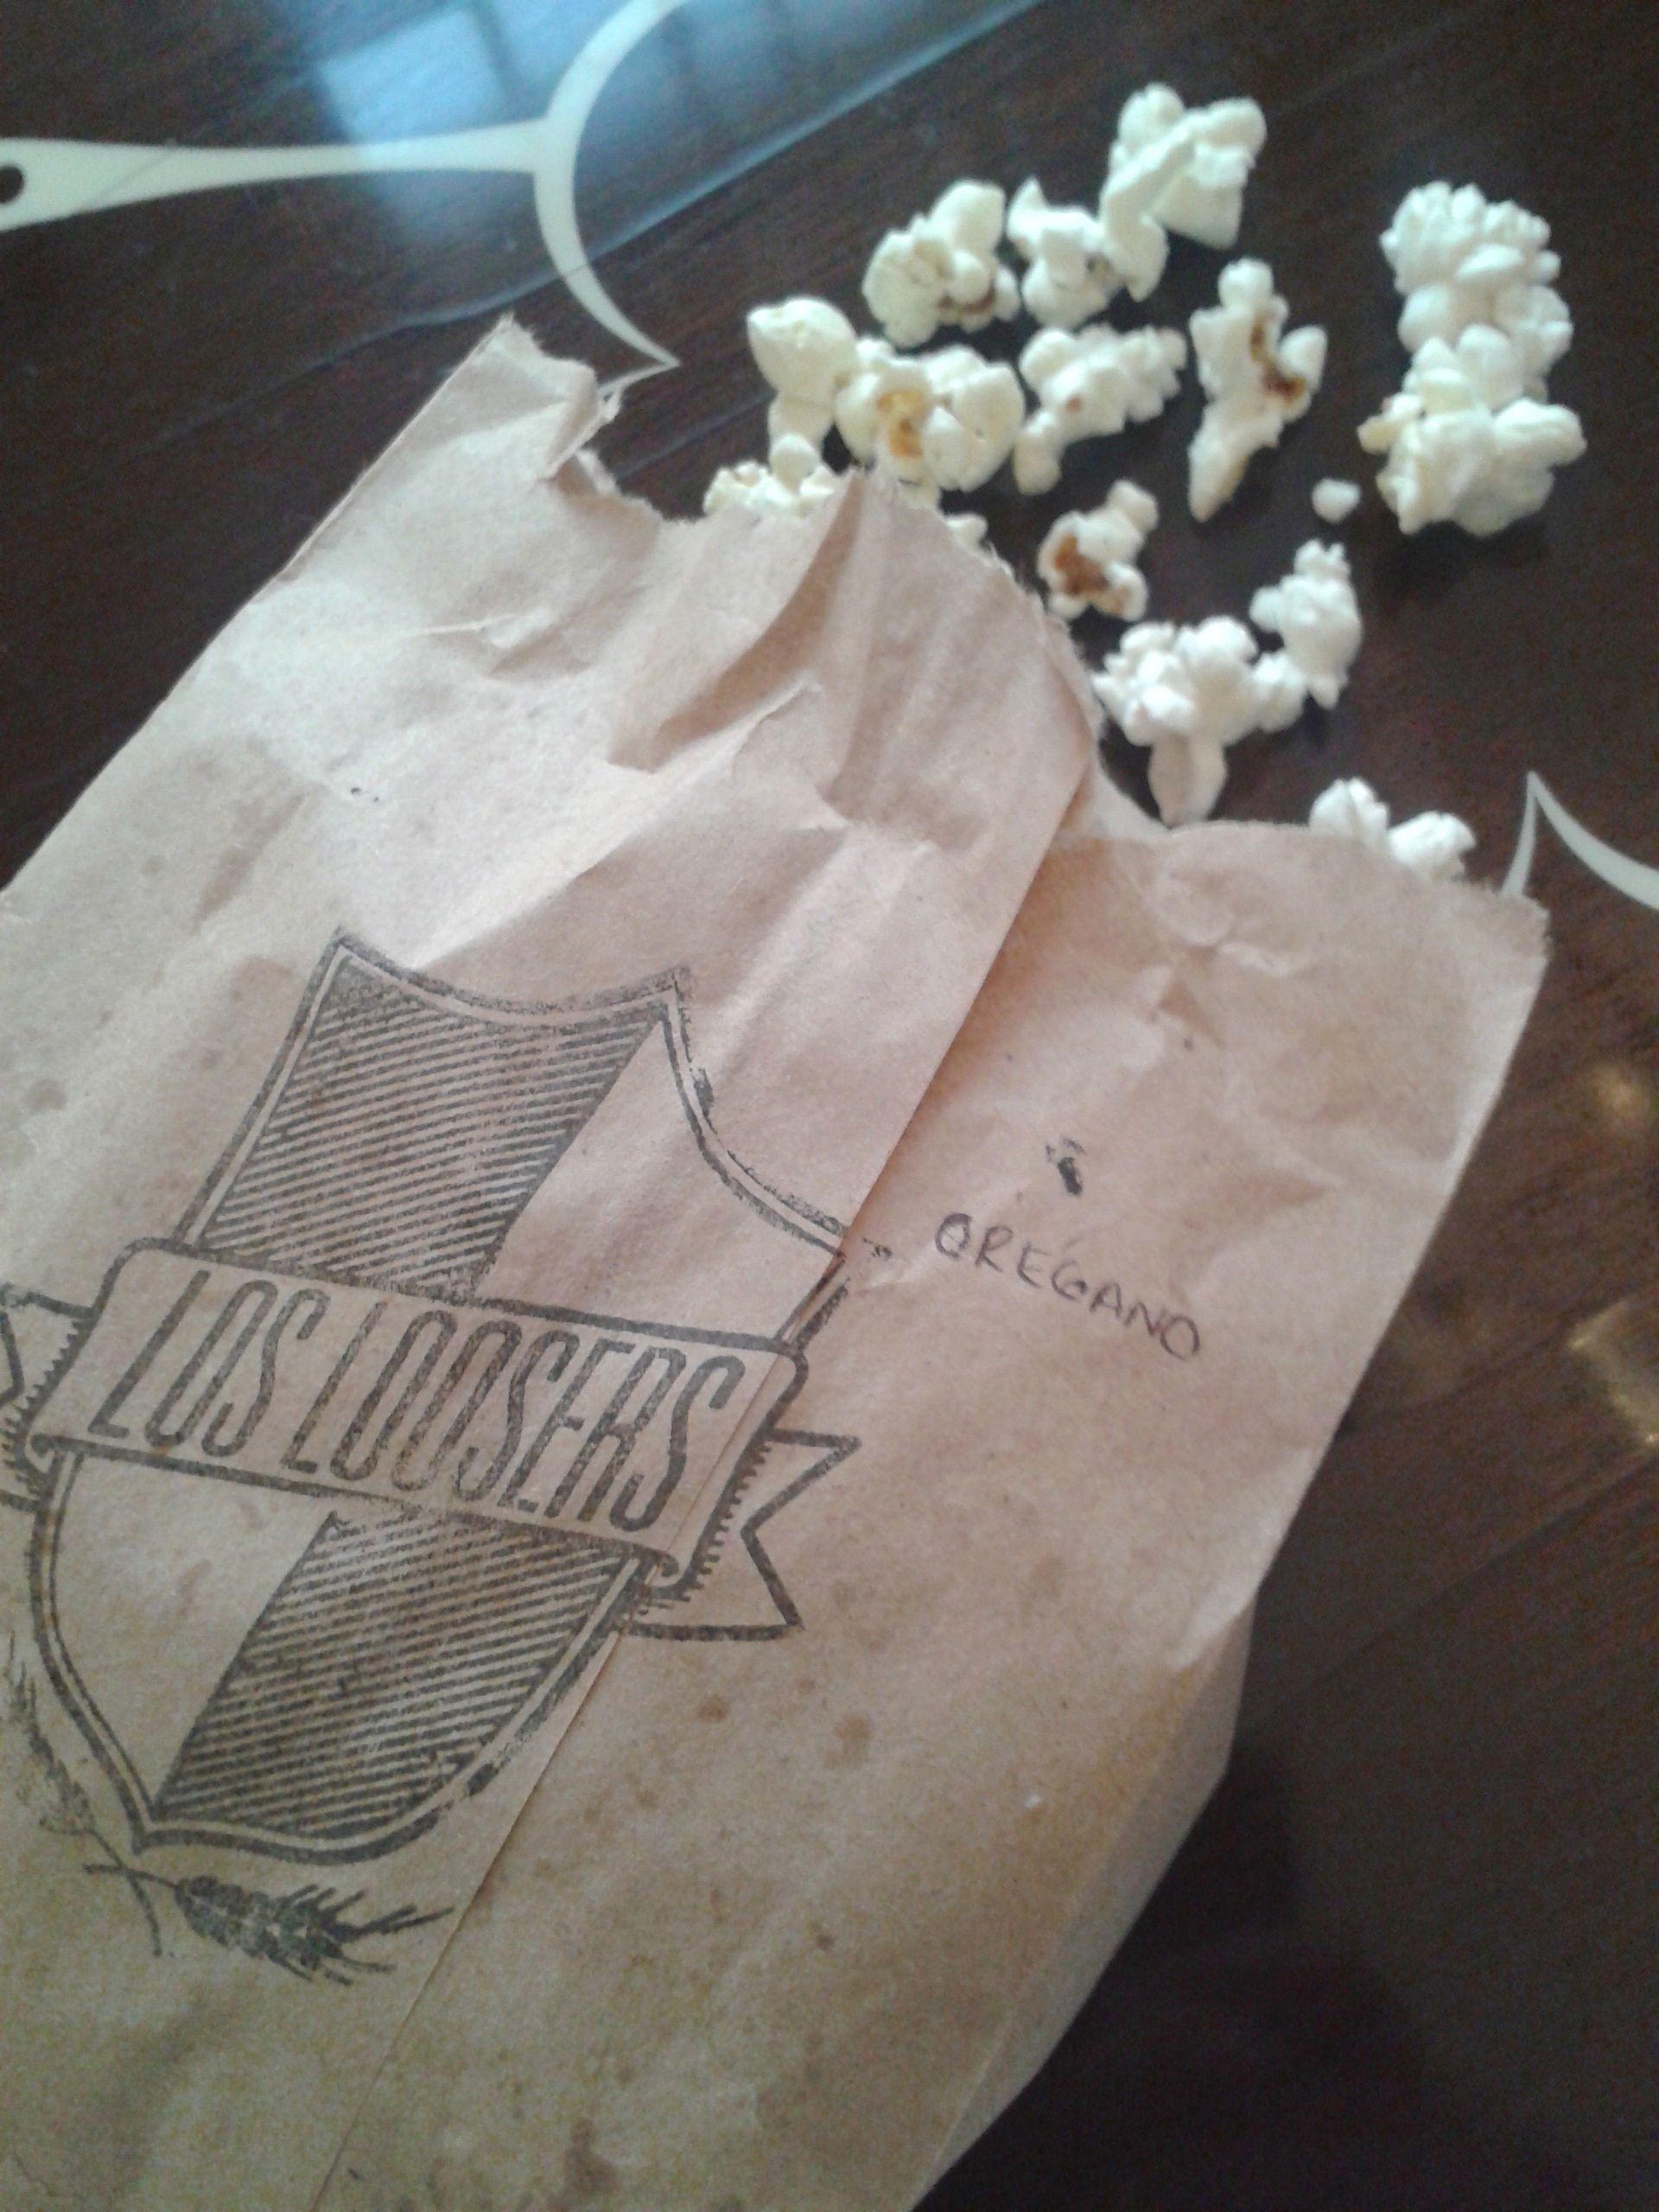 https://i1.wp.com/fatgayvegan.com/wp-content/uploads/2014/02/popcorn.jpg?fit=1920%2C2560